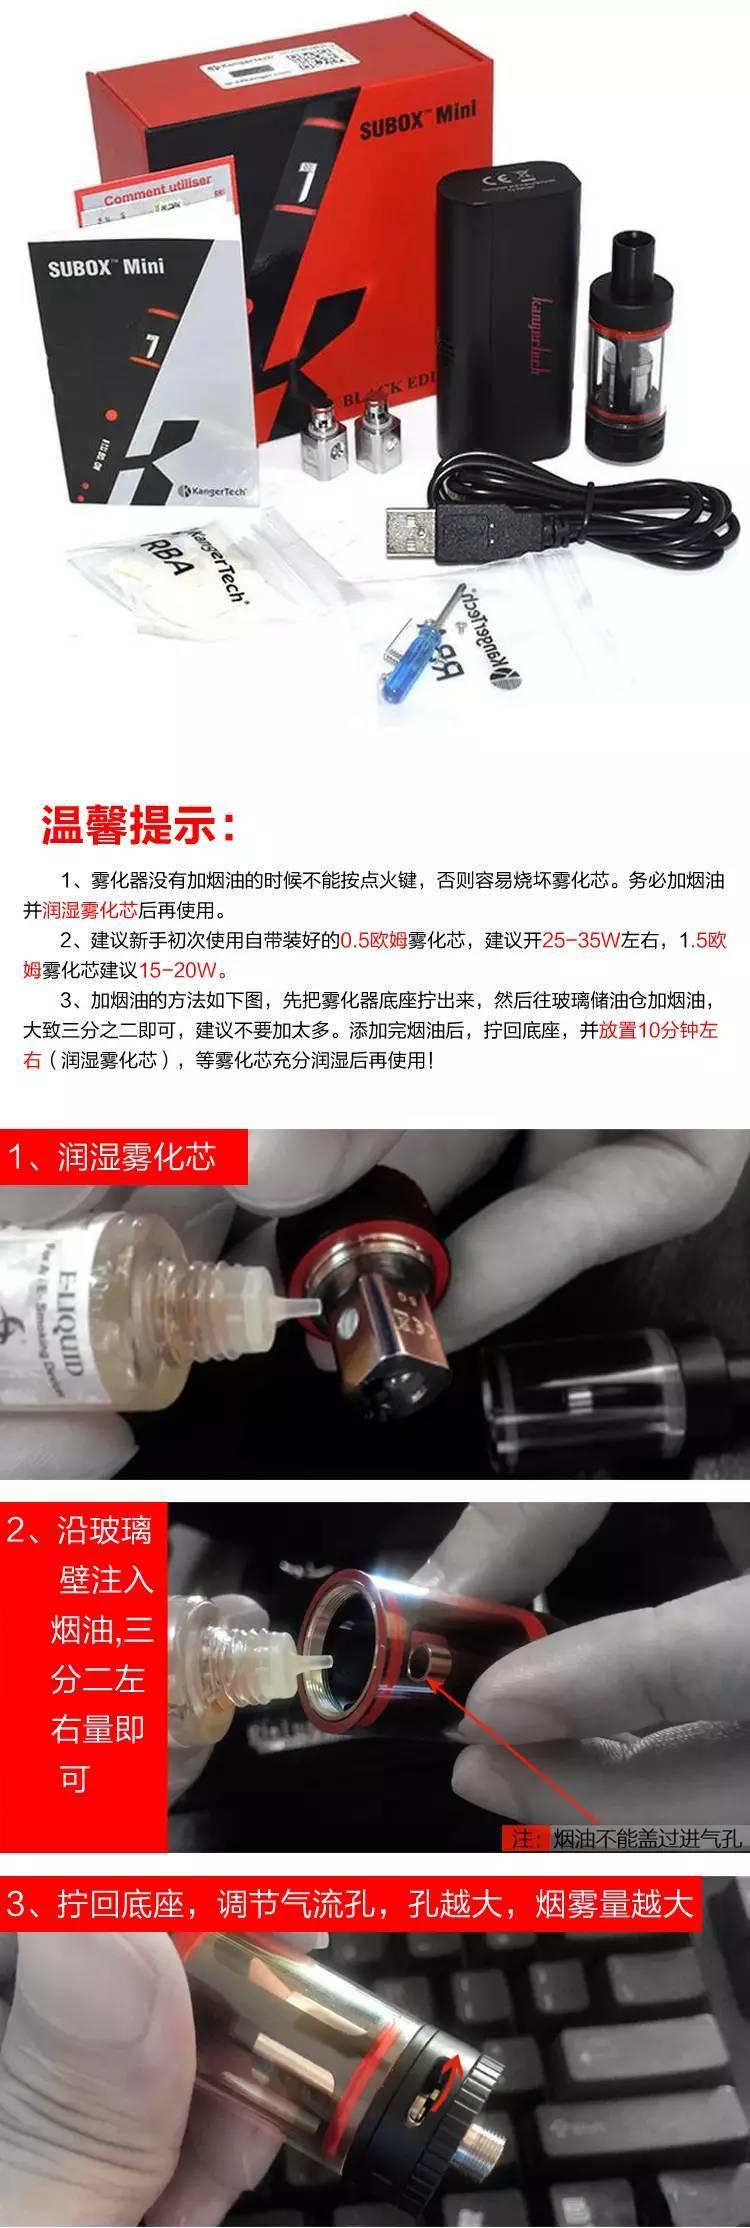 Subox mini nano 戒烟盒子入门神器